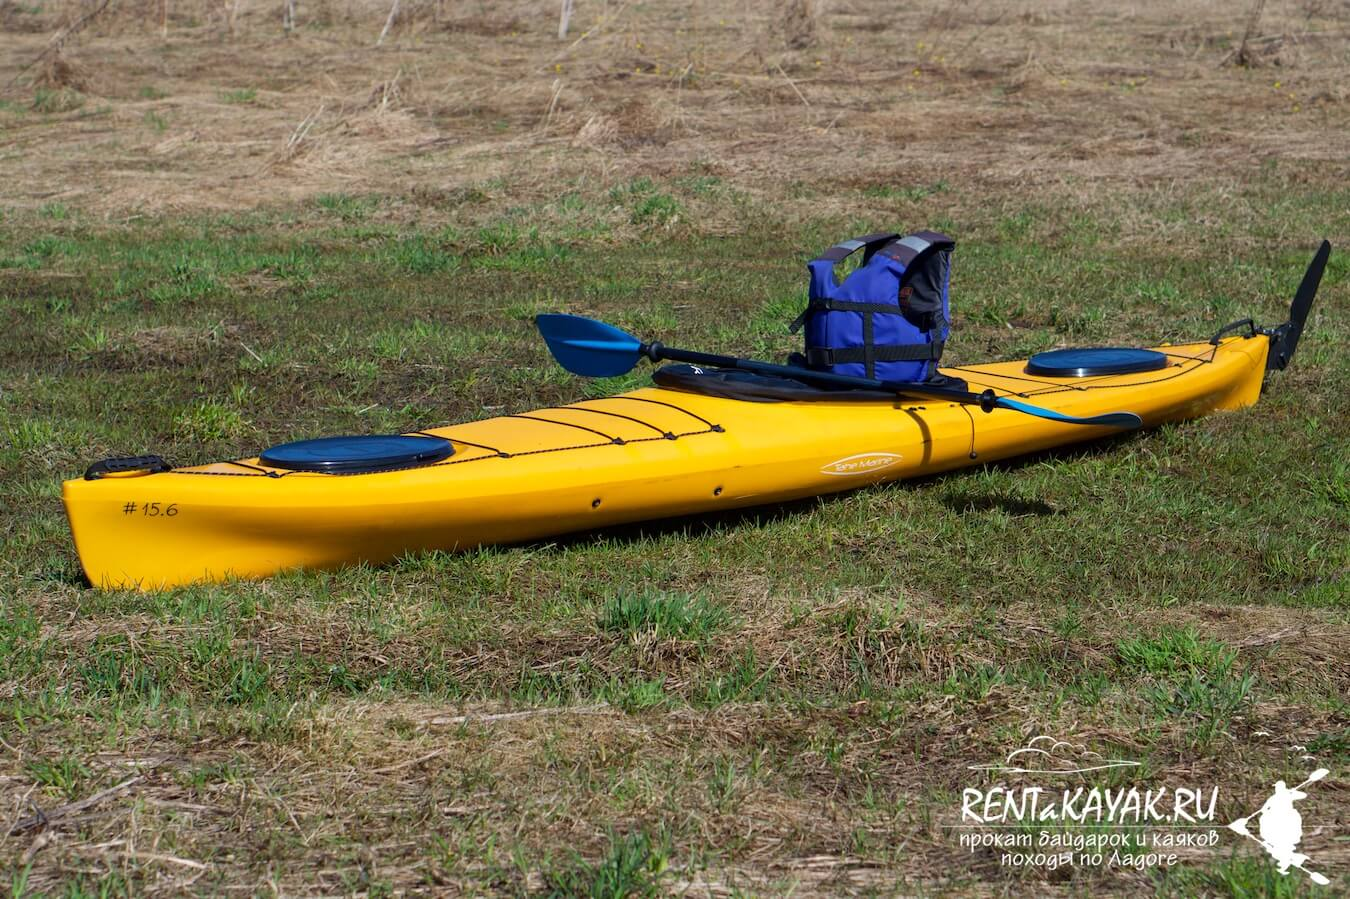 Rentakayak Tahe Marine LS 420 Yellow 3